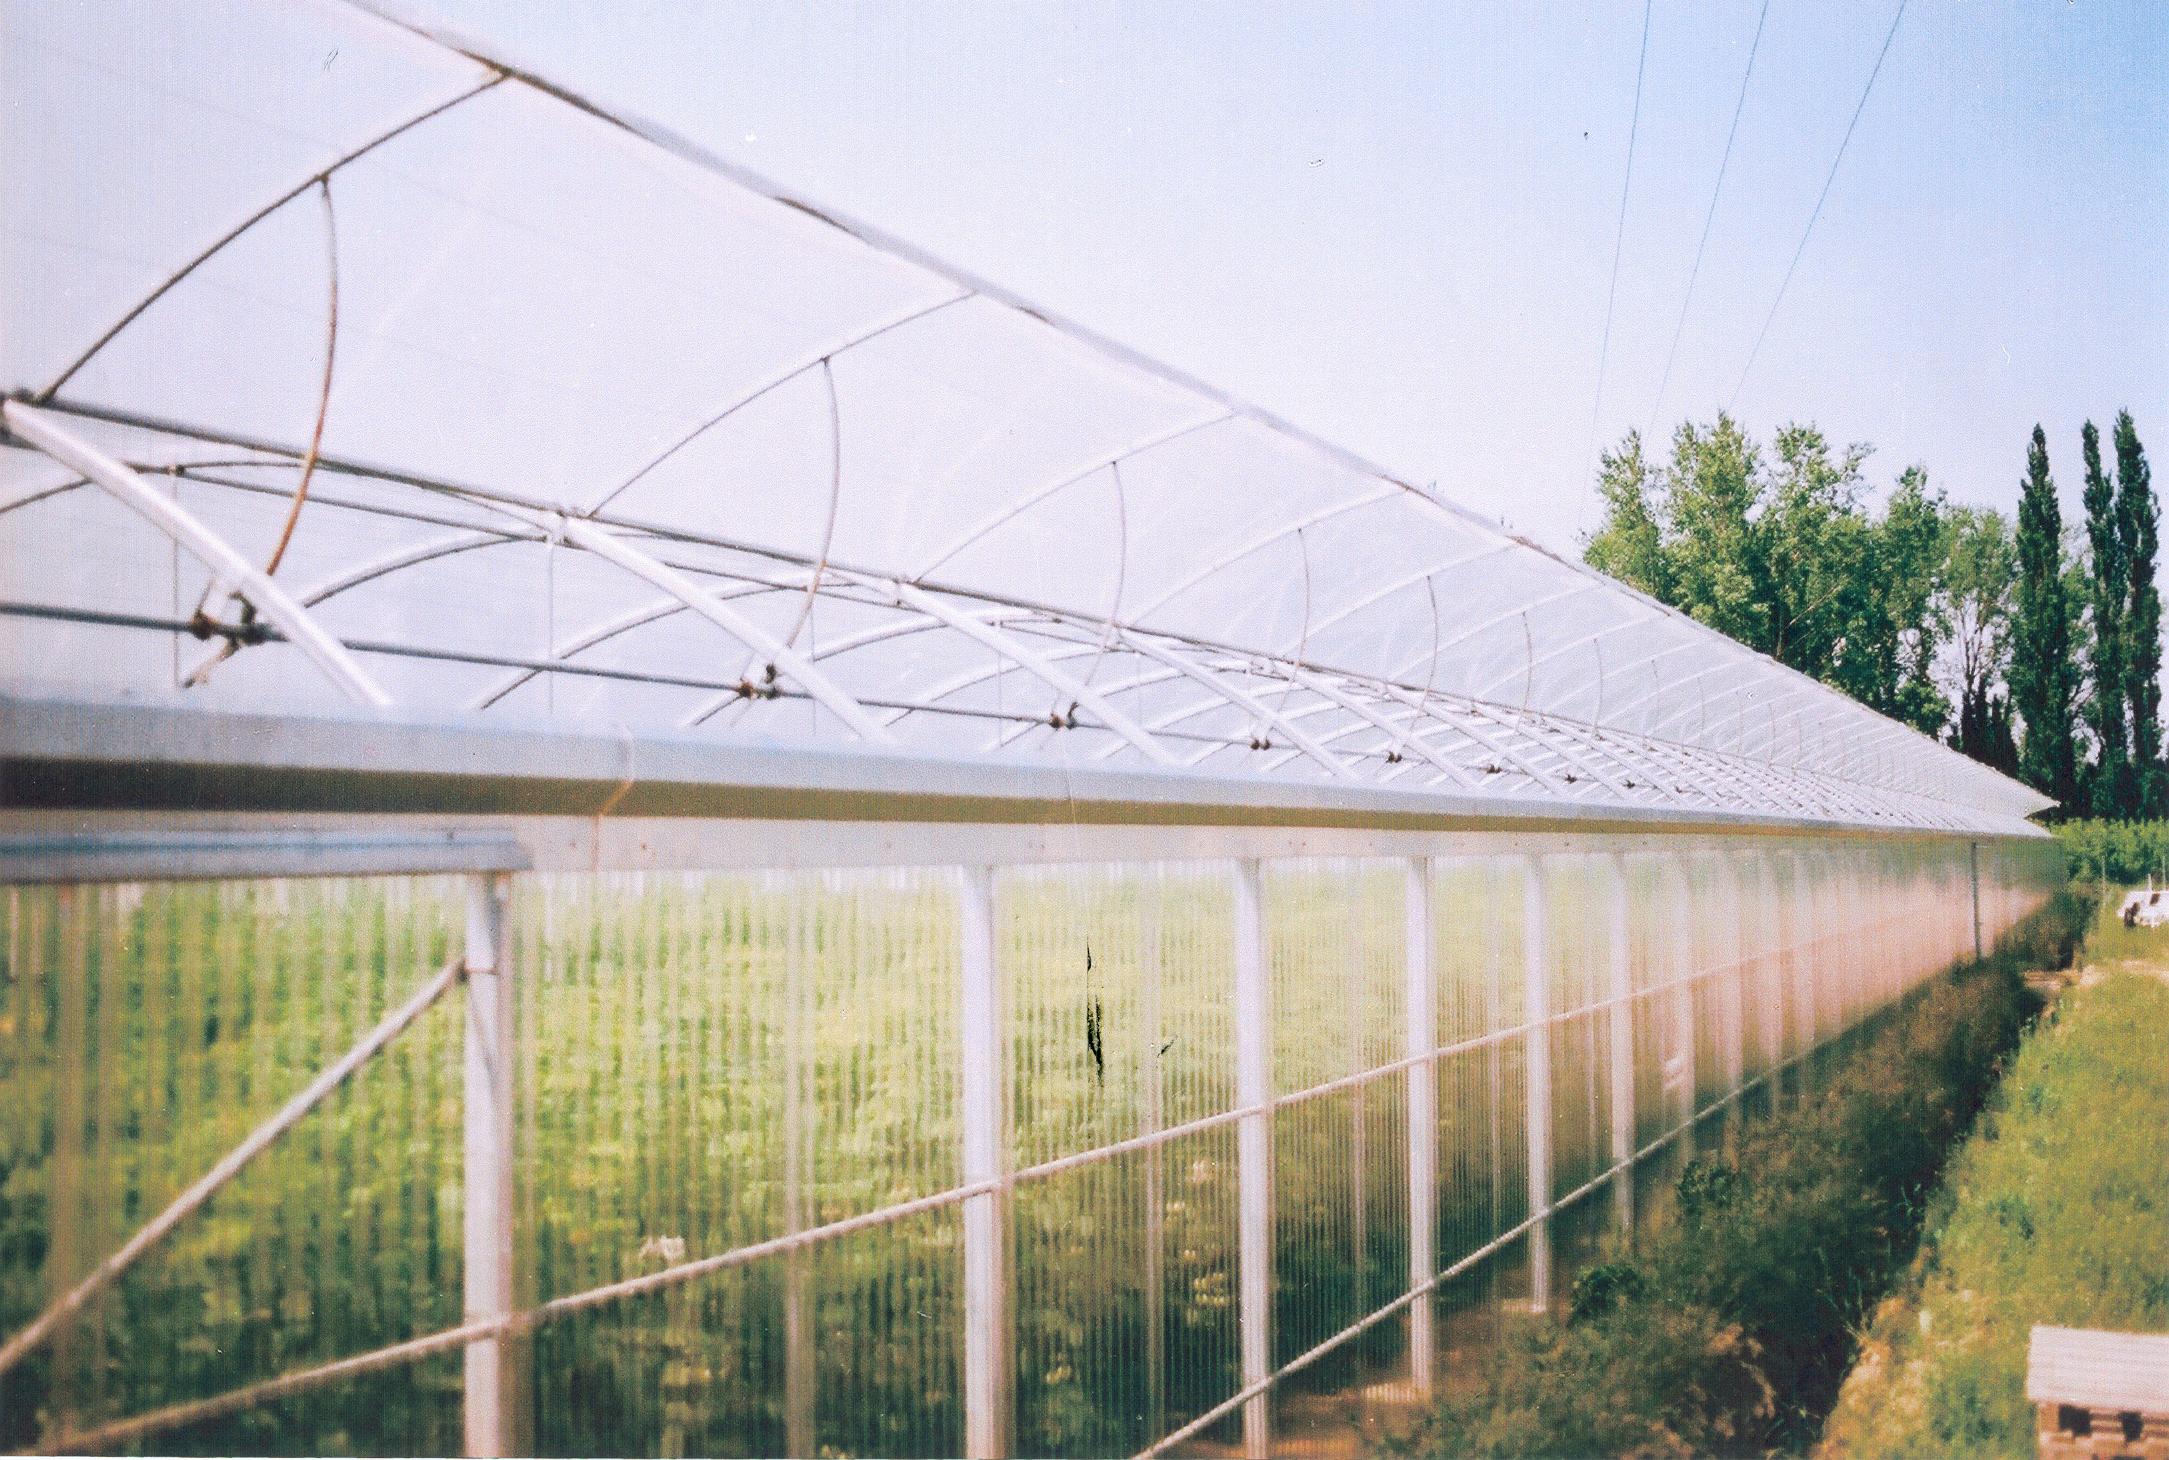 Sere cu deschidere tip rulou la peretii laterali MENATWORK AGRICOL - Poza 7